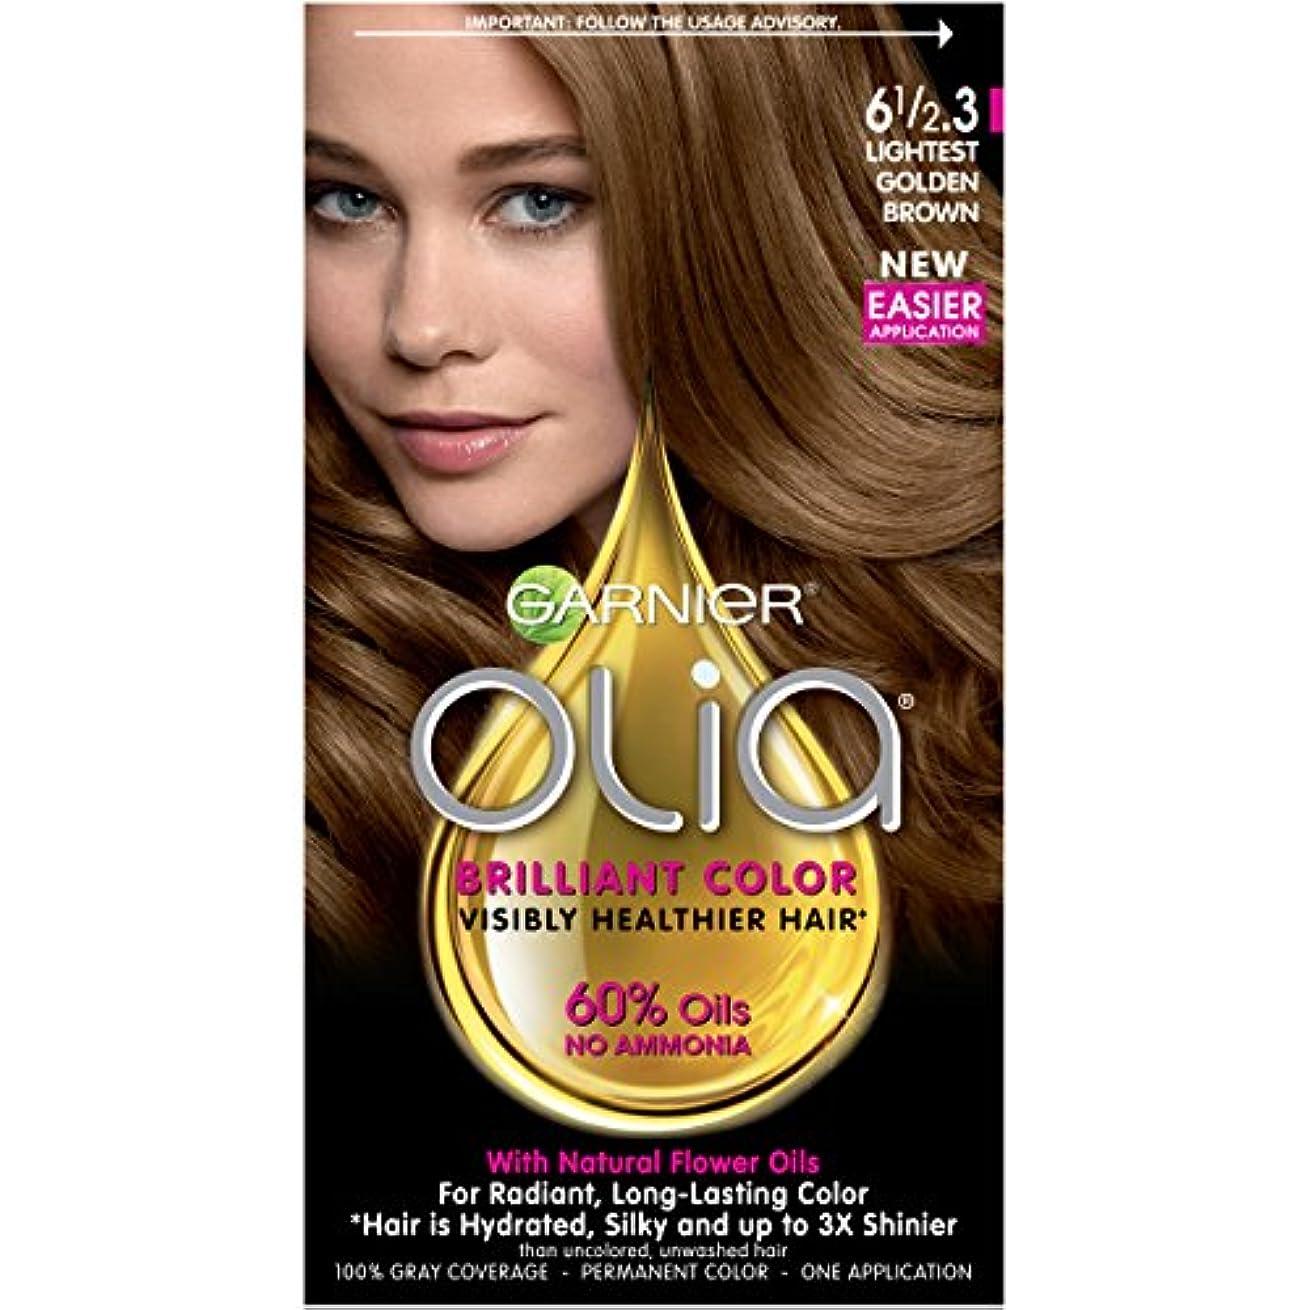 重さポイントインペリアルGarnier Oliaヘアカラー、6 1 / 2.3最軽量ゴールデンブラウン、アンモニア無料髪の色素(梱包が変更になる場合があります)